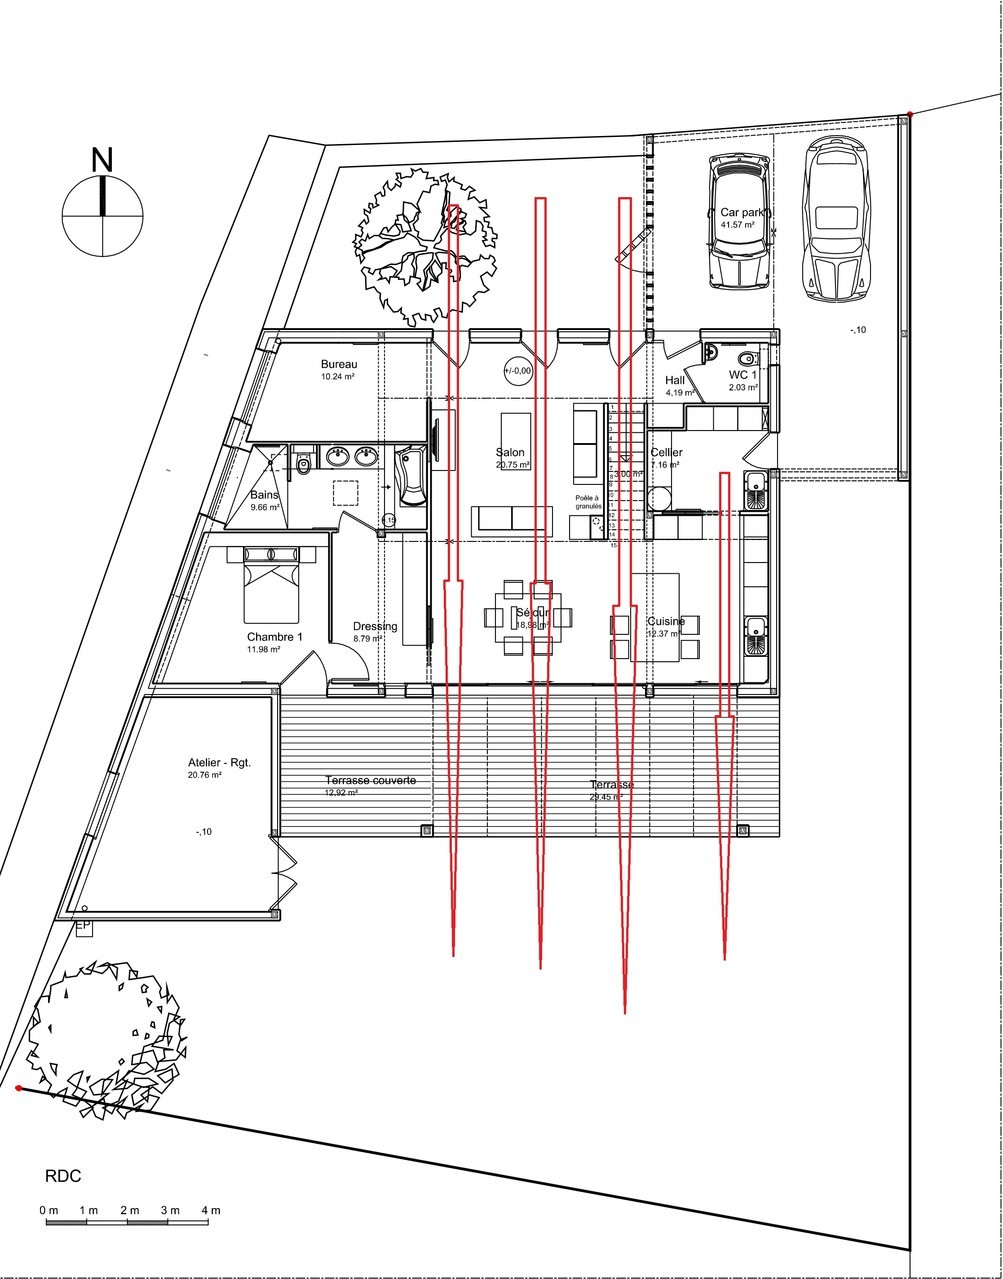 dessiner des plans fonctionnels conseils thermiques. Black Bedroom Furniture Sets. Home Design Ideas